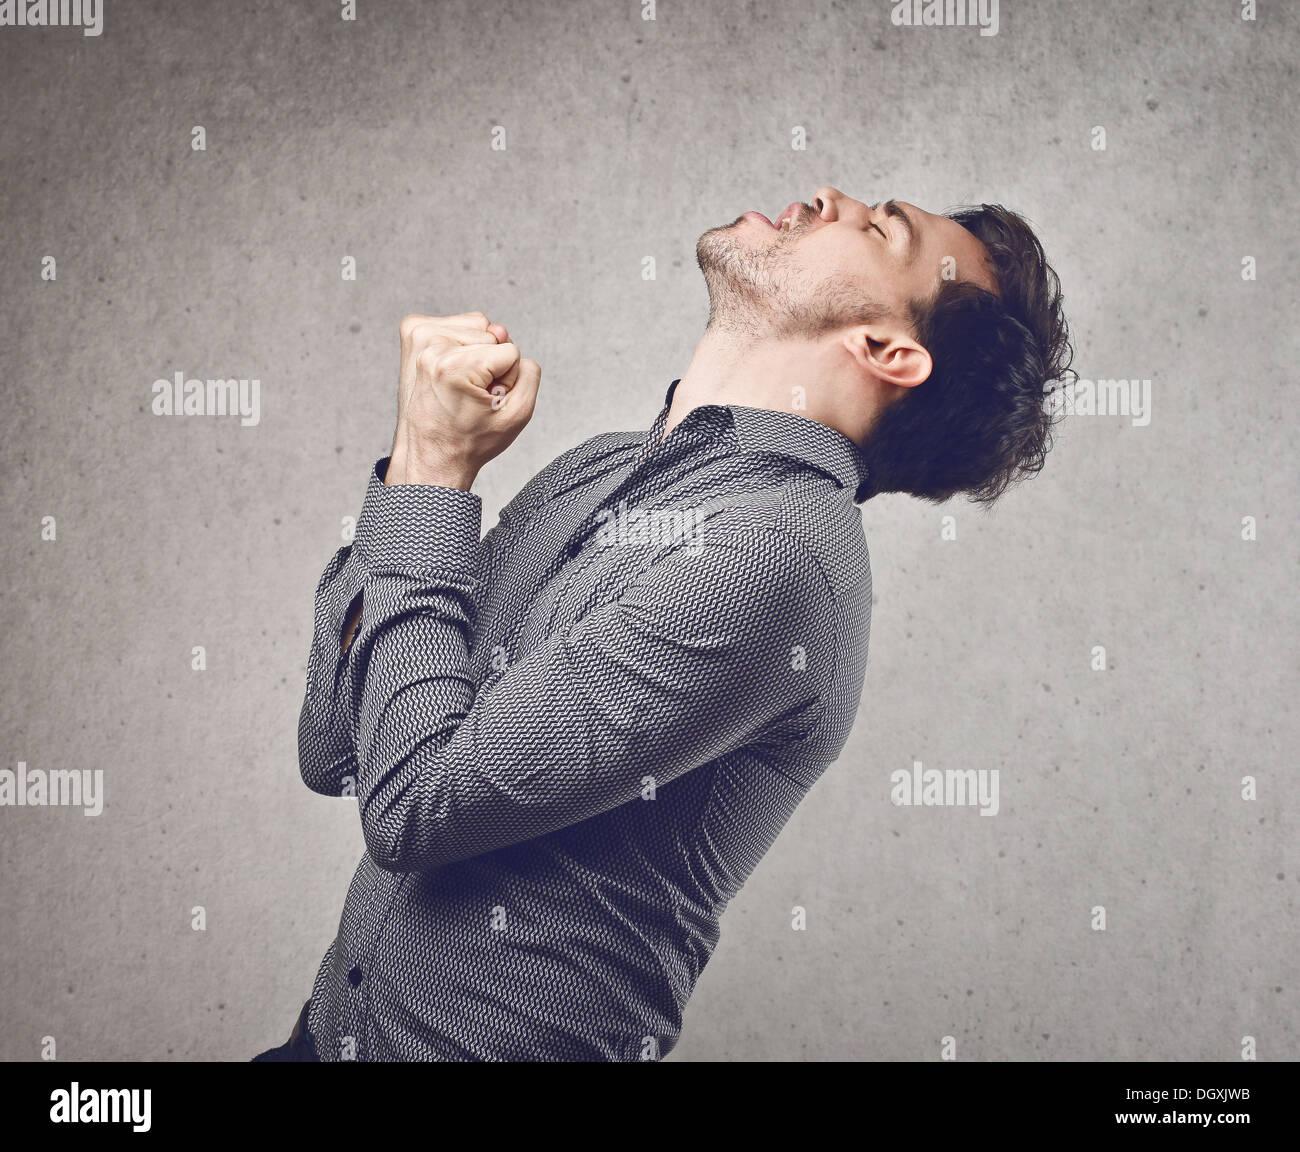 Jeune homme en chemise grise se réjouir de son succès Photo Stock